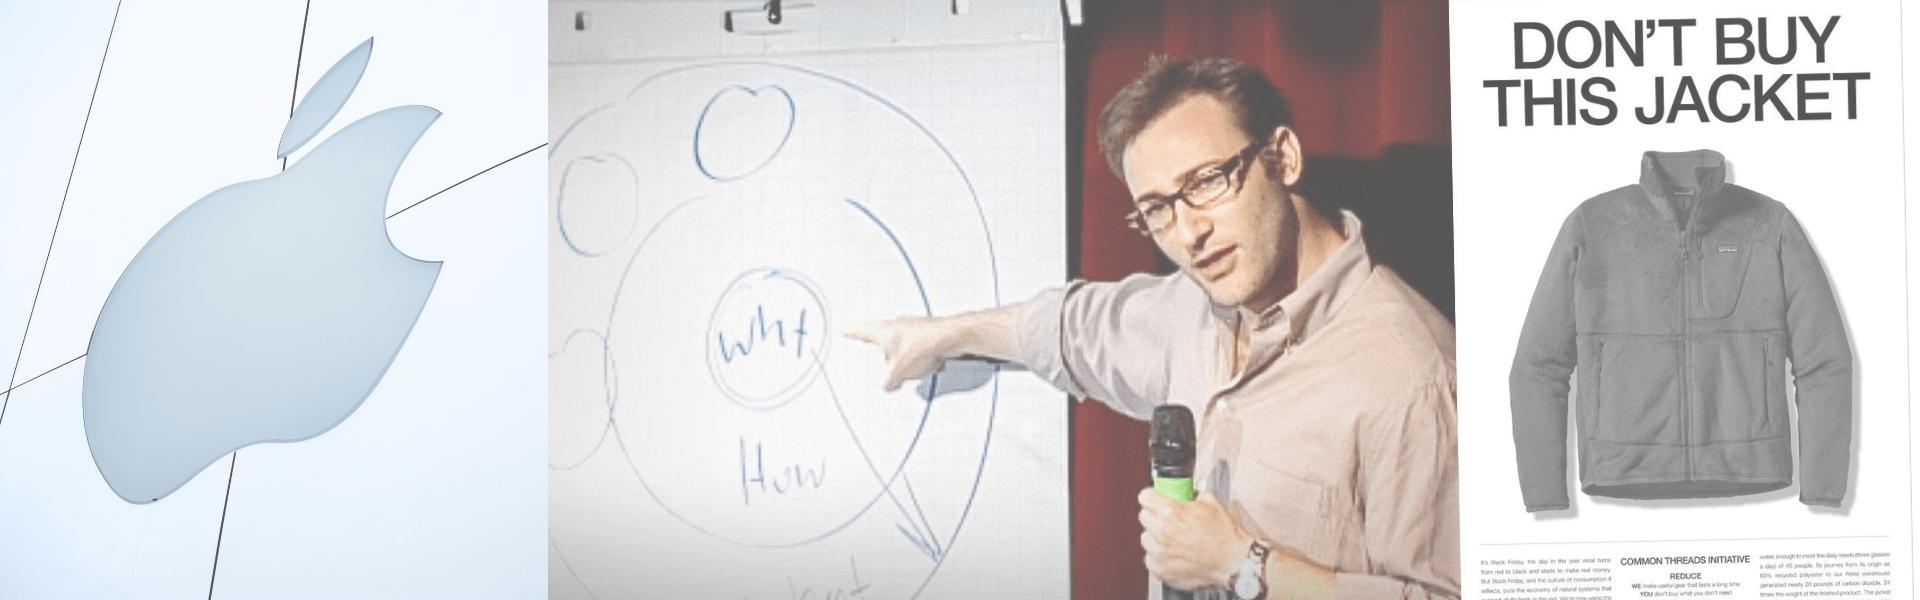 「人を動かすマーケティング:ゴールデンサークル理論」のアイキャッチ画像